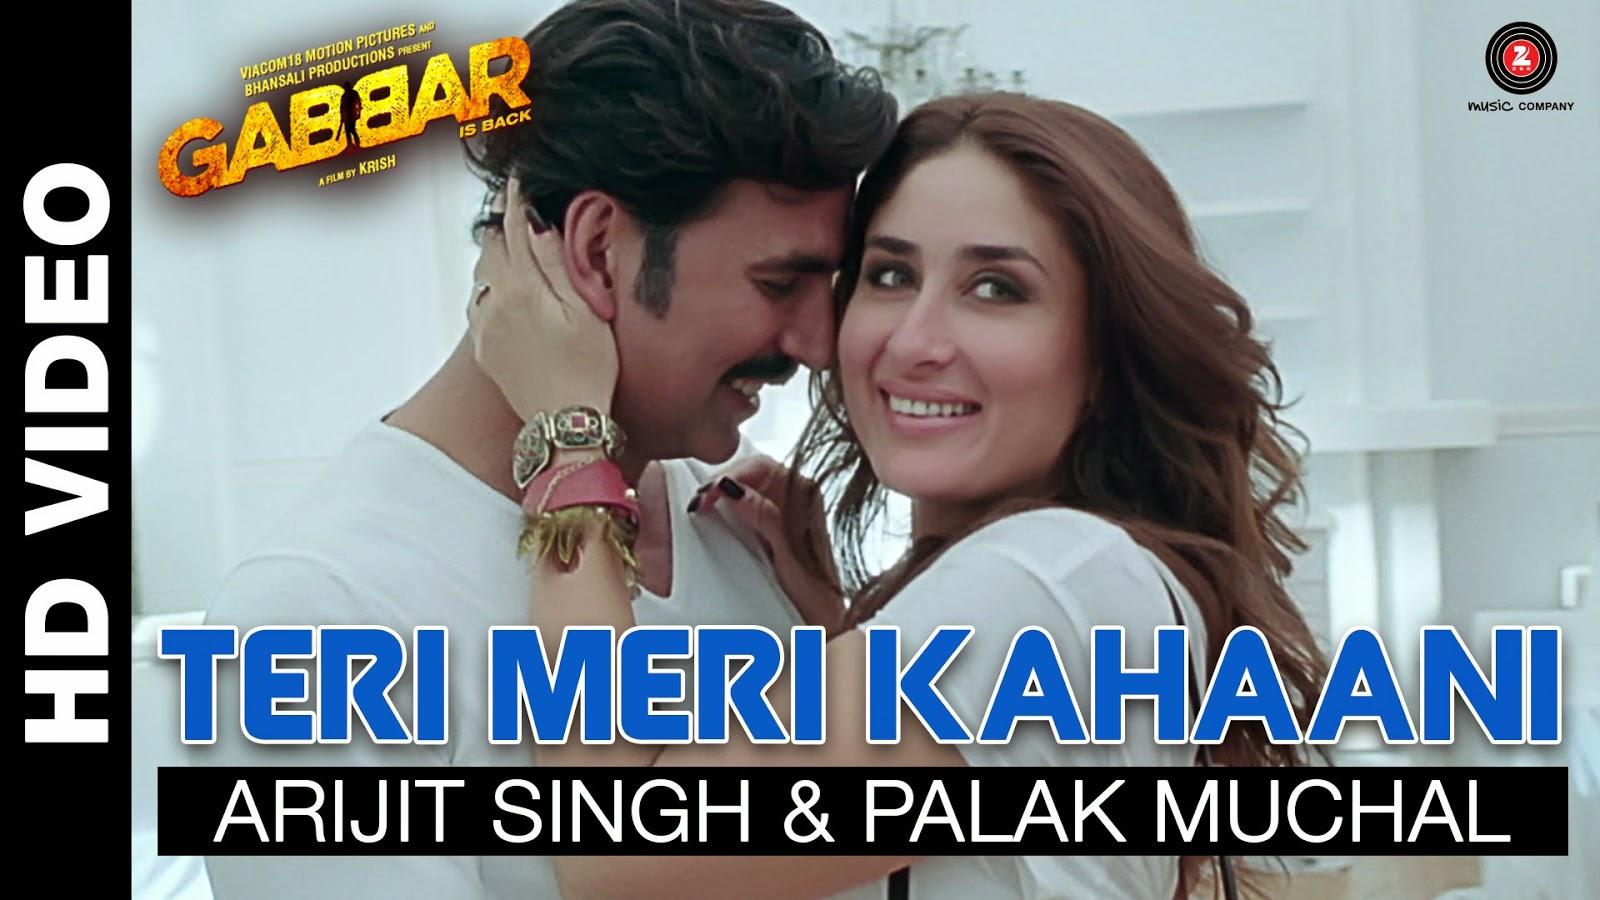 teri meri kahaani arijit singh chords + strumming pattern - gabbar